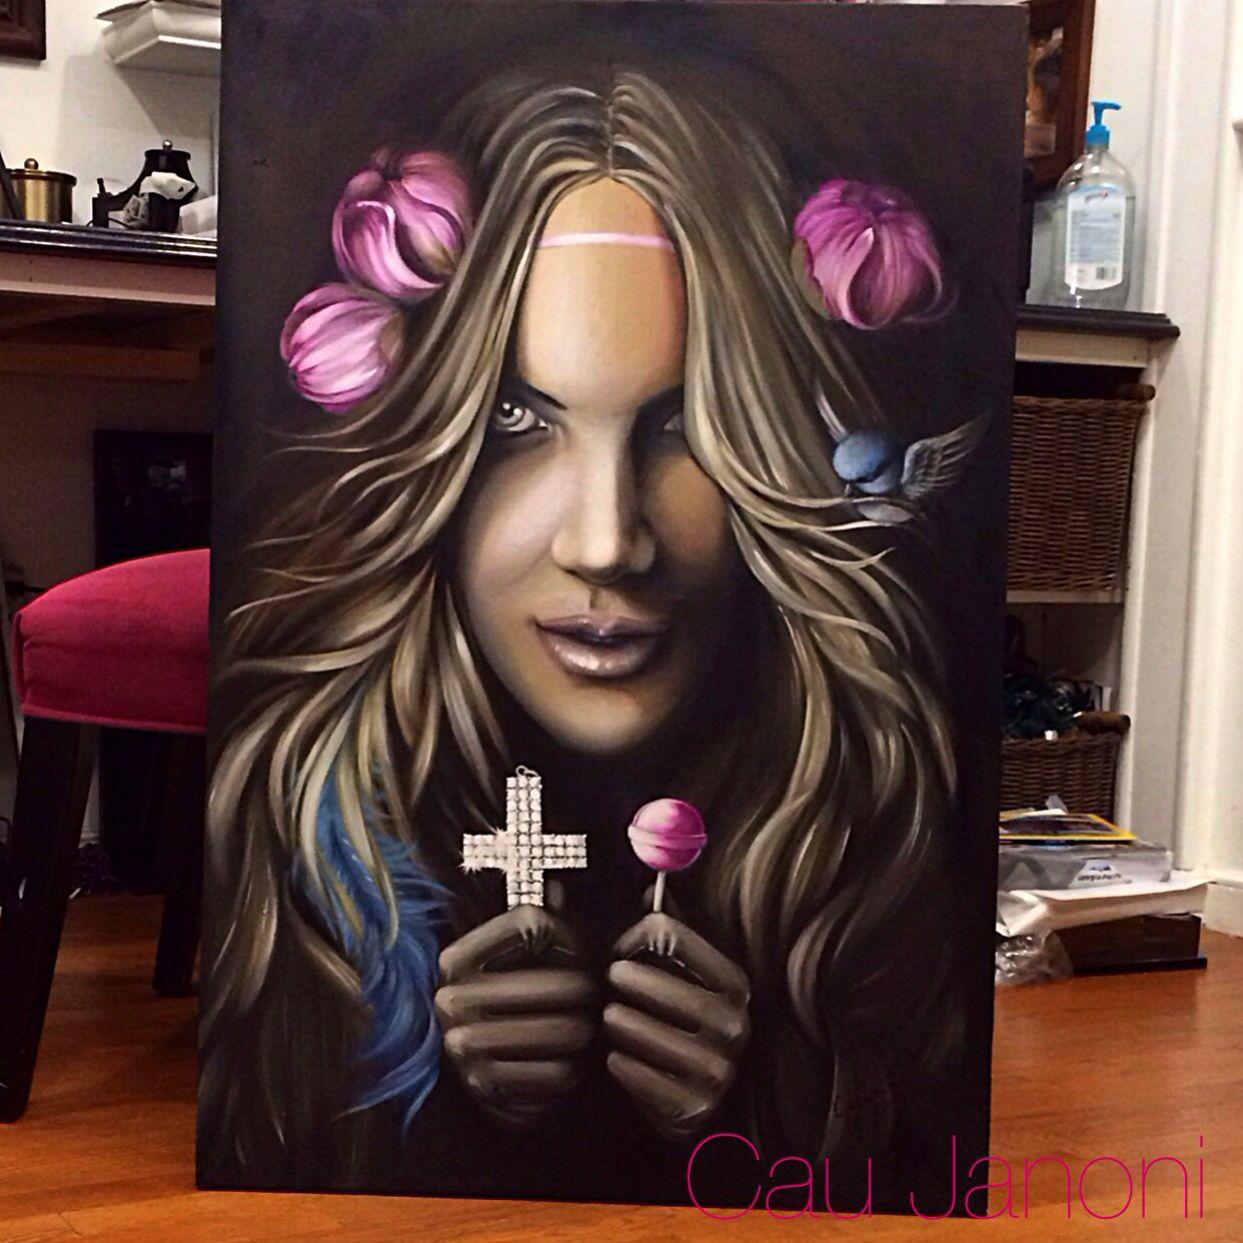 Oil painting by Cau Janoni (tattoo artist)